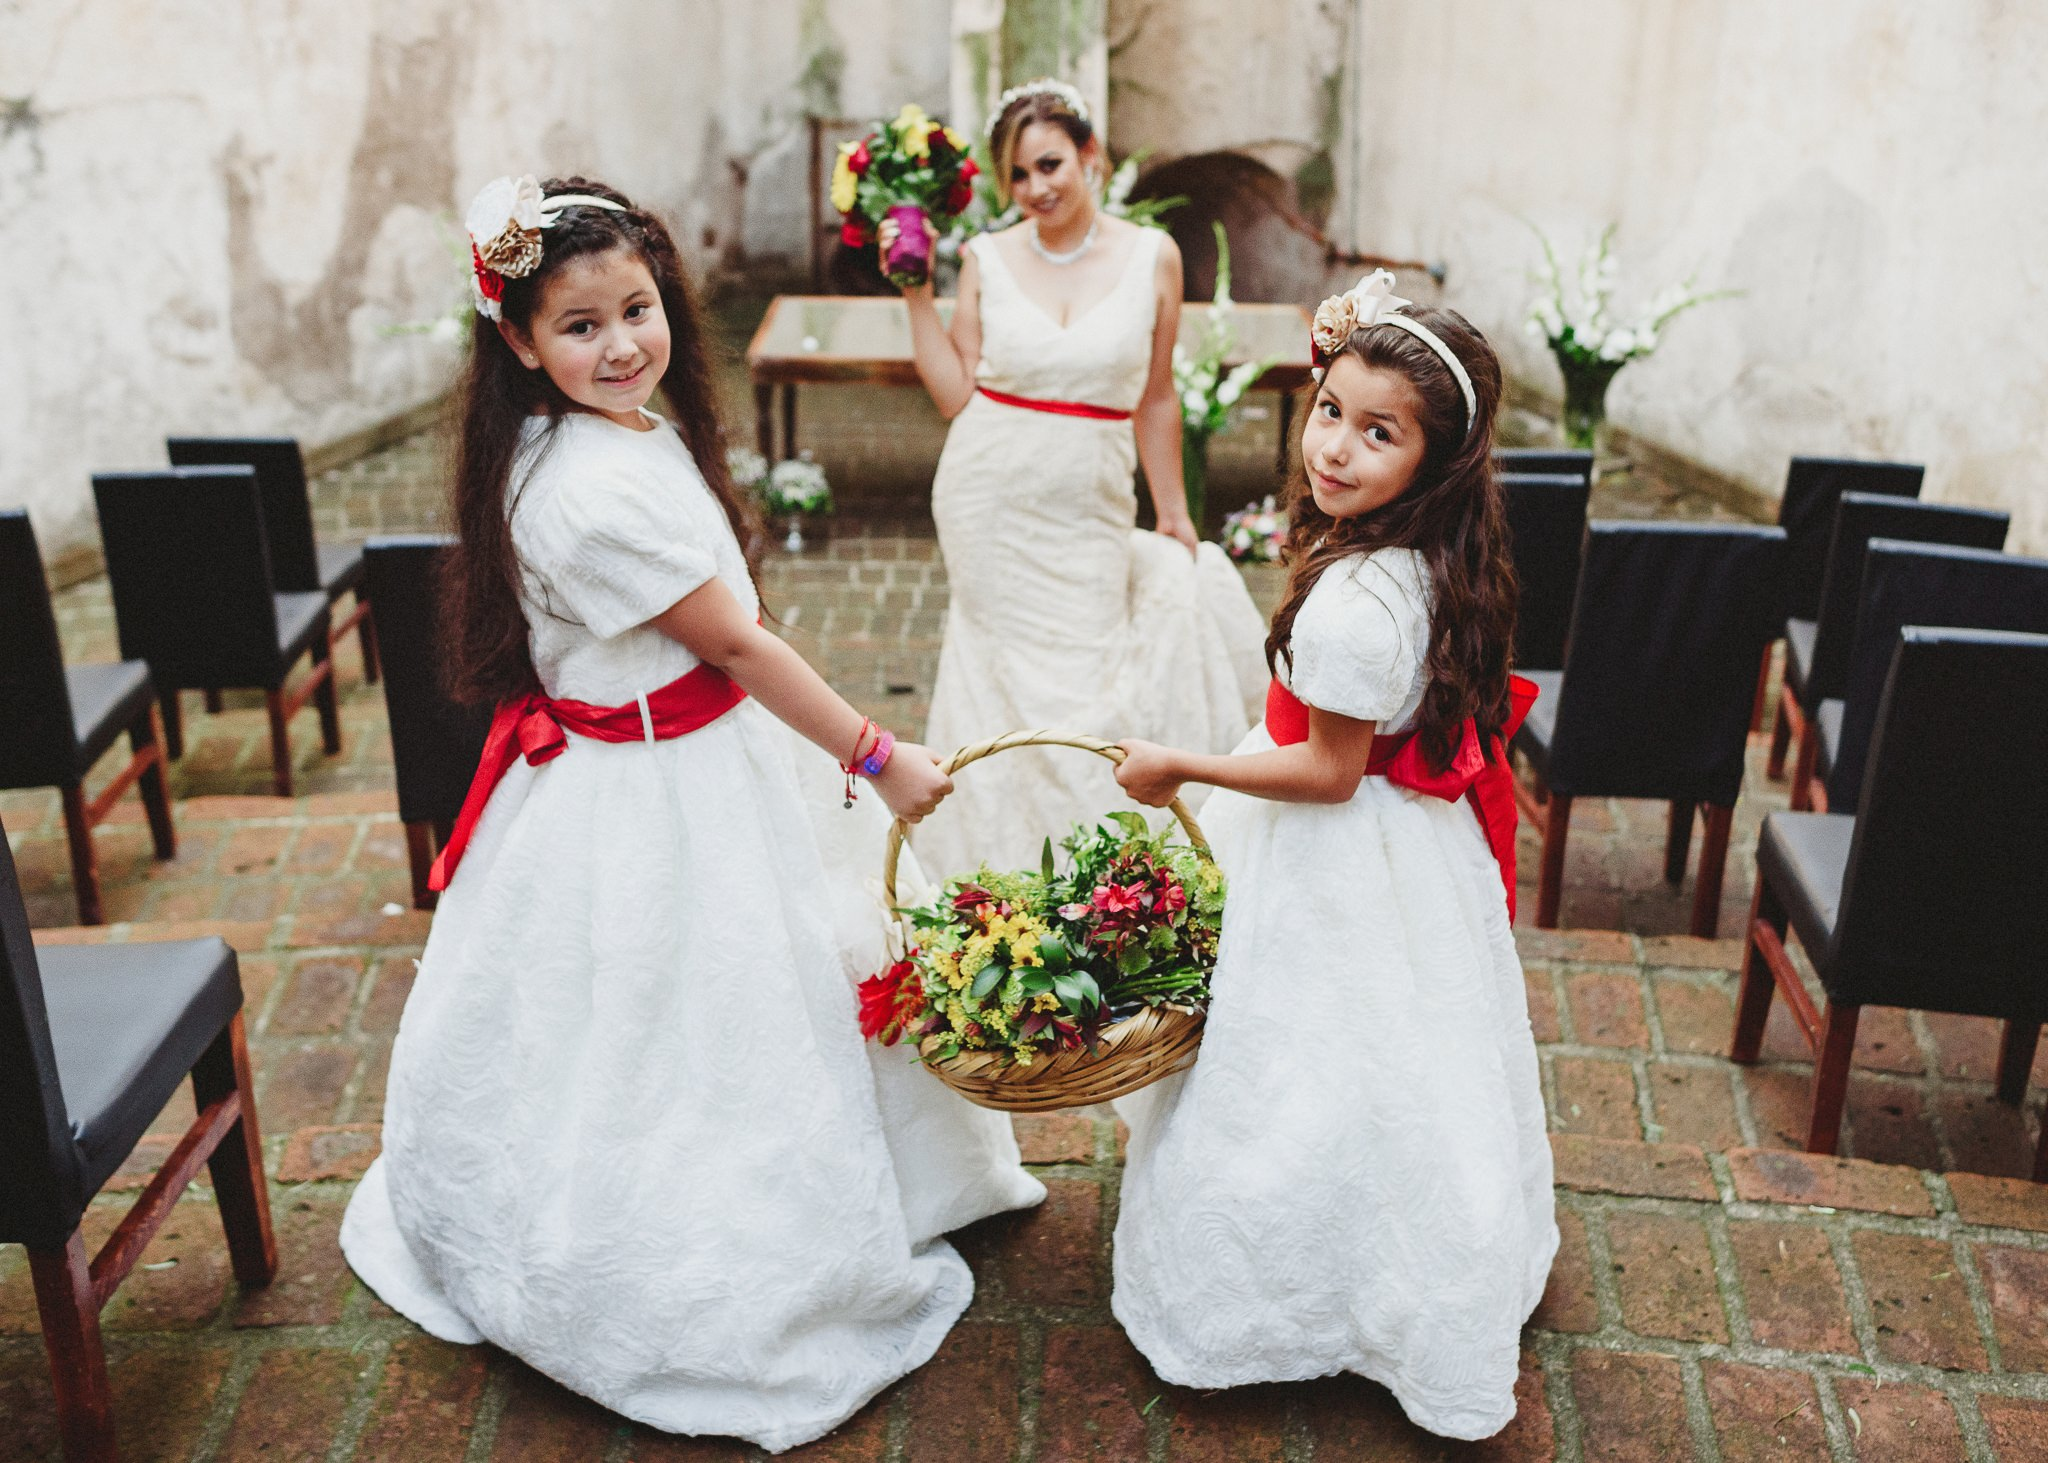 03boda-en-jardin-wedding-hacienda-los-cuartos-fotografo-luis-houdin102